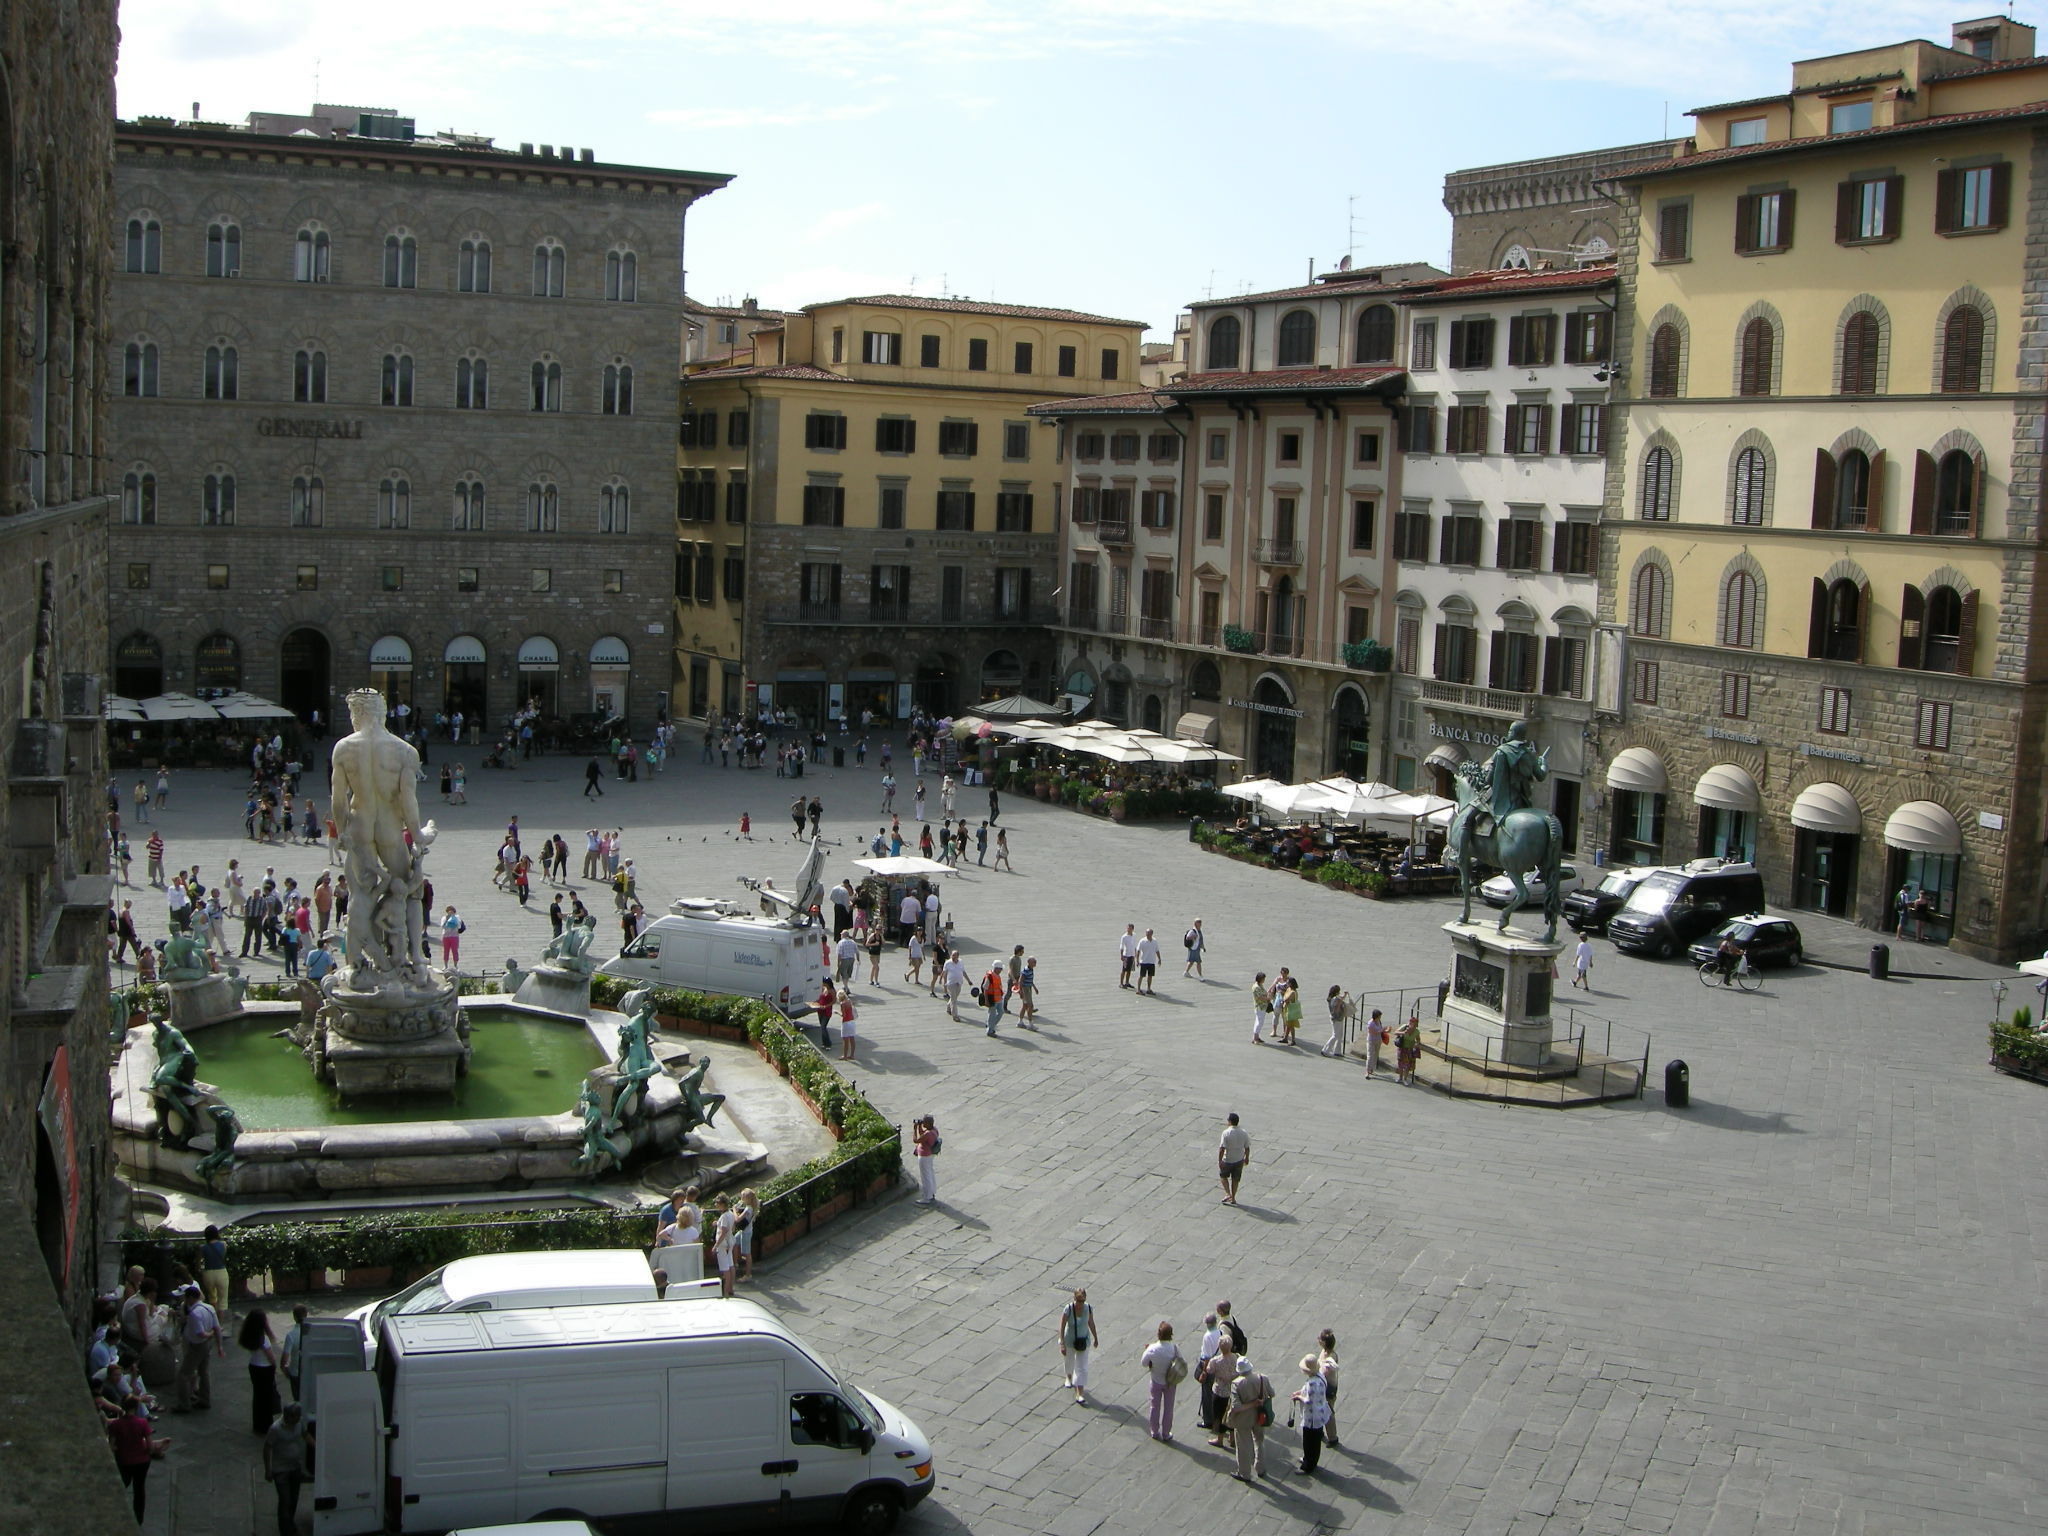 The square from Palazzo Vecchio